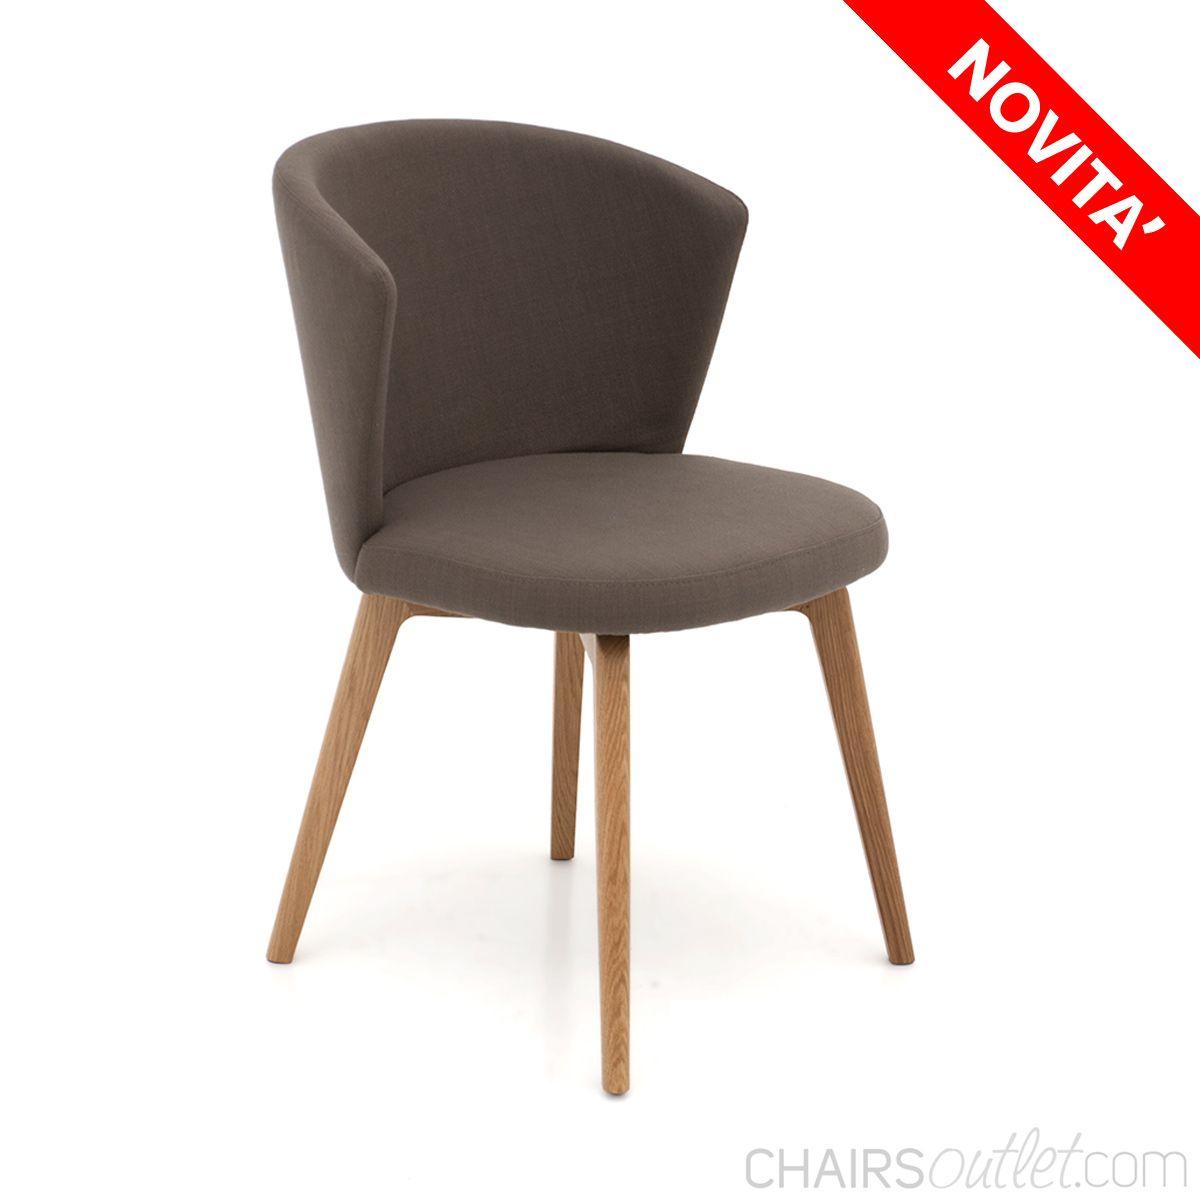 SCONTO 50% Ines 6 Sedia di design con base in legno di